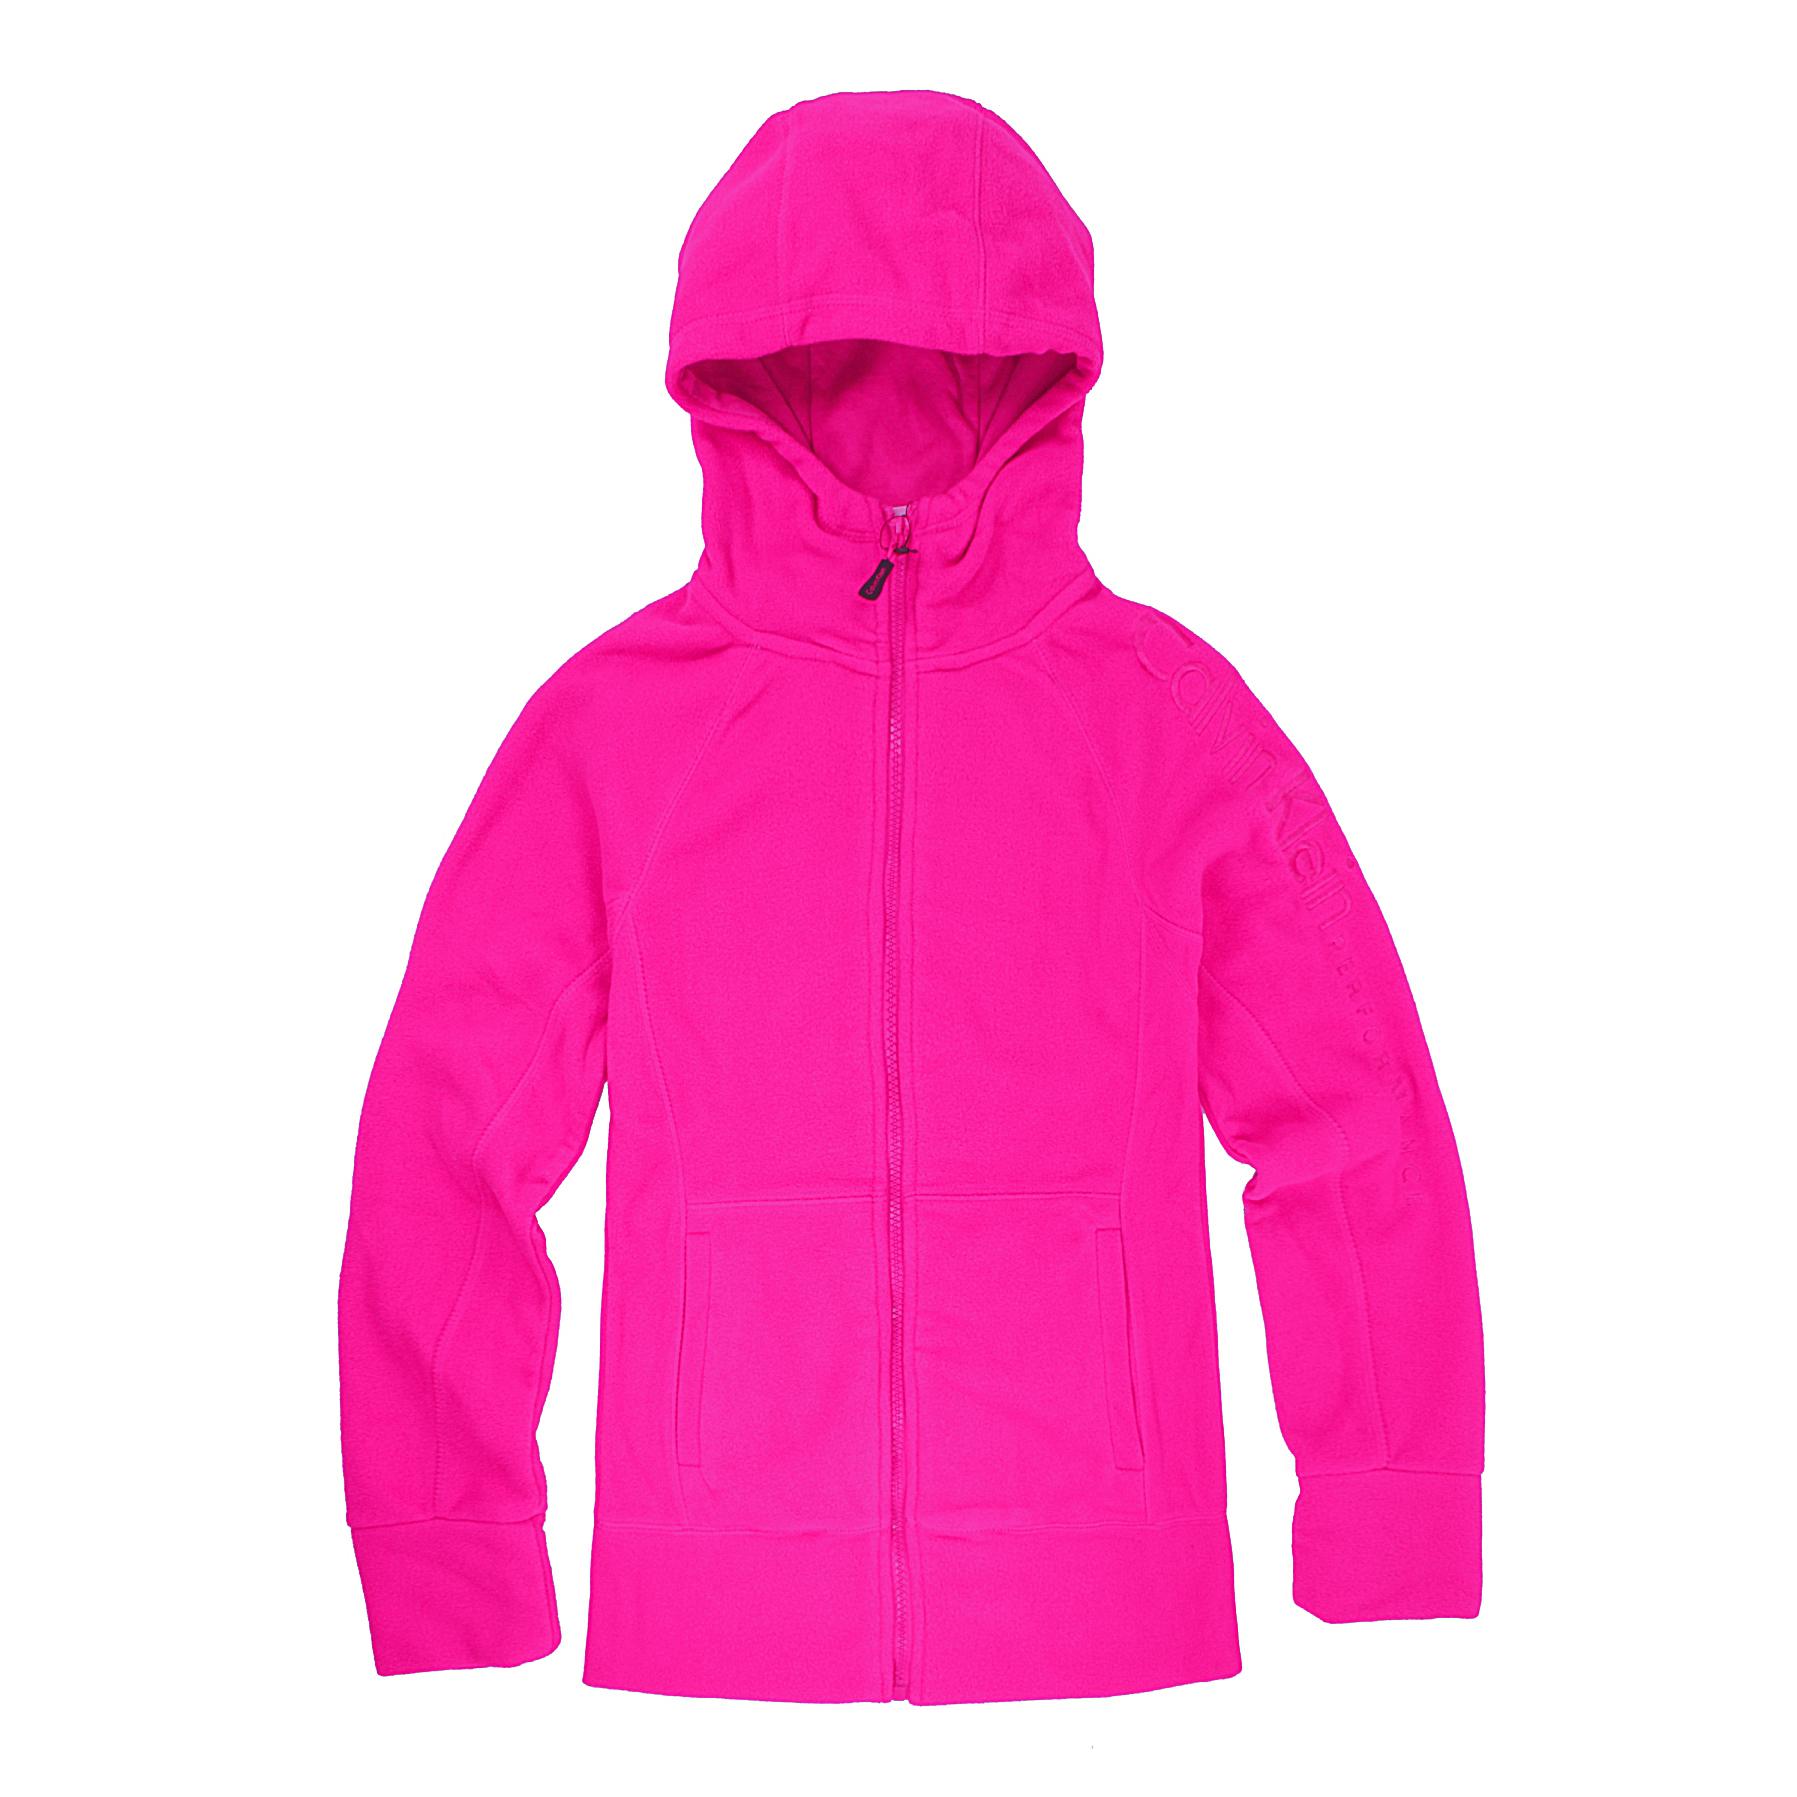 美國百分百【全新真品】Calvin Klein 外套 CK 刷毛 輕巧 快乾 保暖 羊毛 桃紅 XS 女款 B530